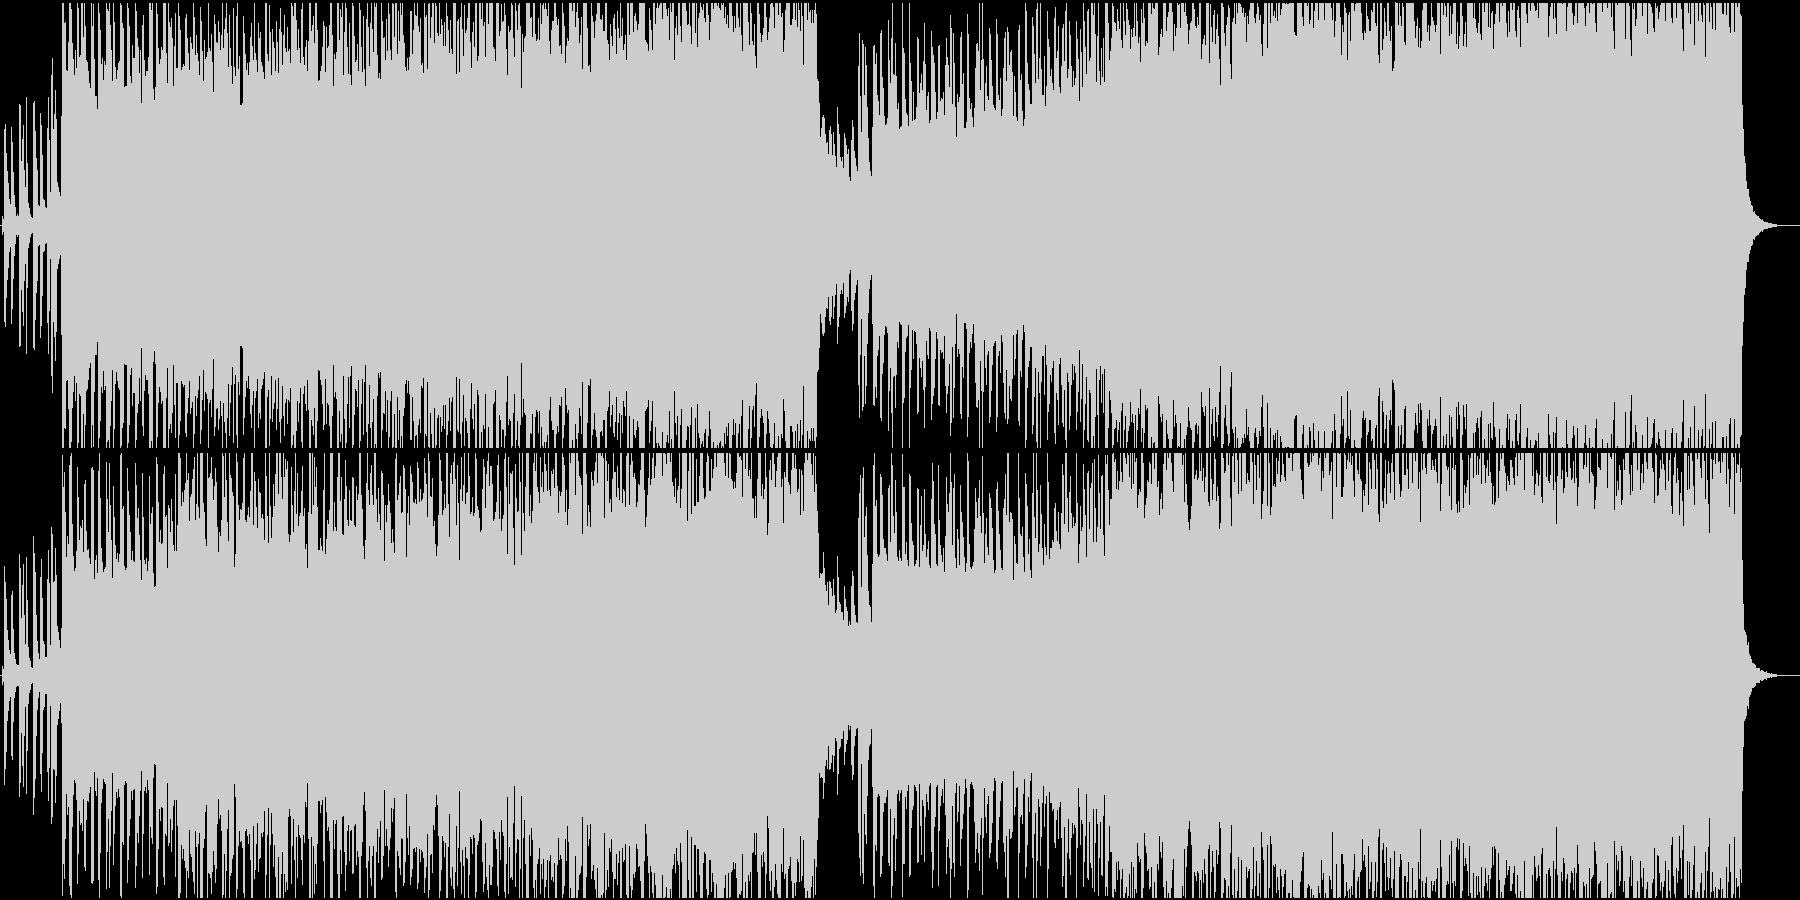 クールなロックンロールサウンドの未再生の波形